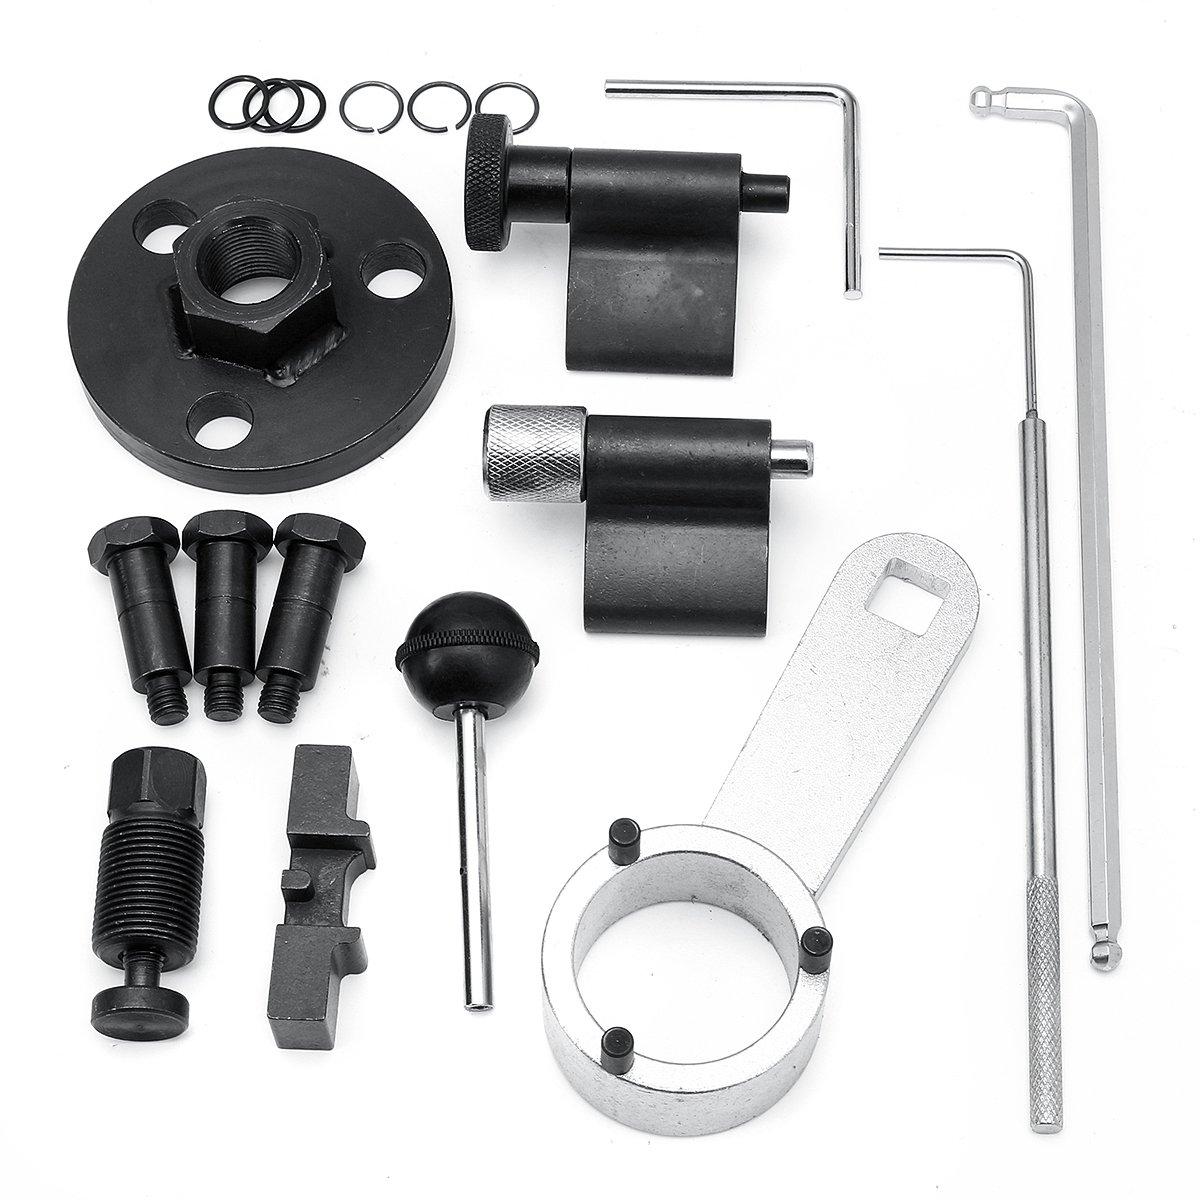 Kit de 10 herramientas de temporizador, herramienta de mano de bloqueo de temporizador, eje de leva diésel: Amazon.es: Bricolaje y herramientas